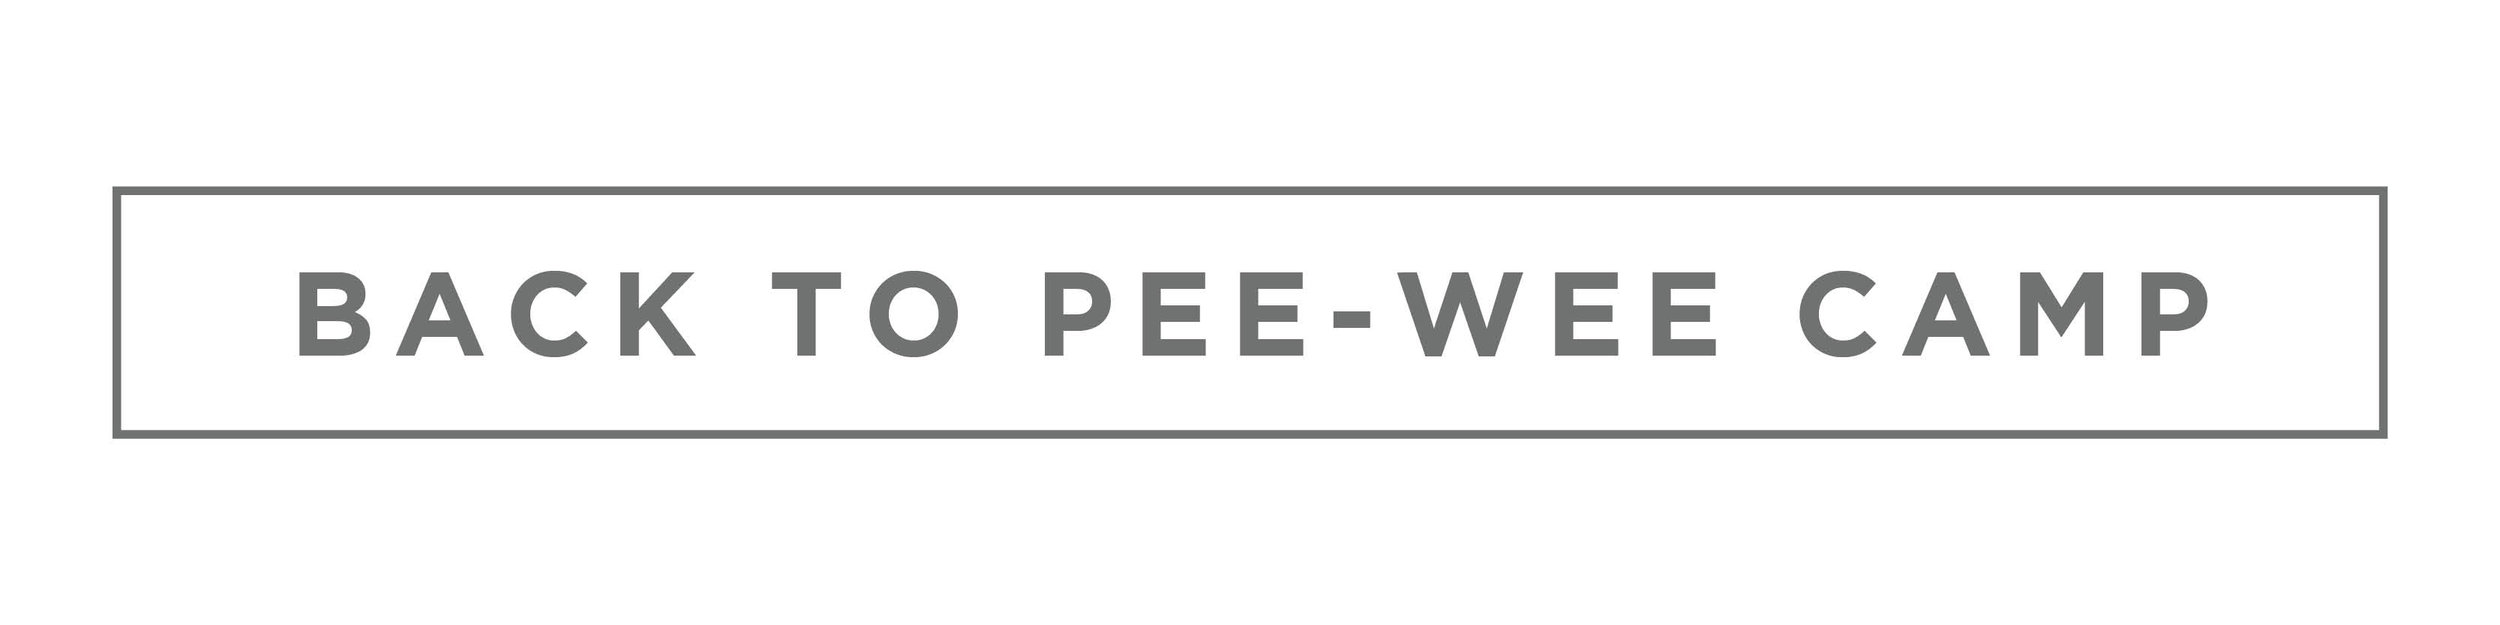 back to pee-wee camp.jpg